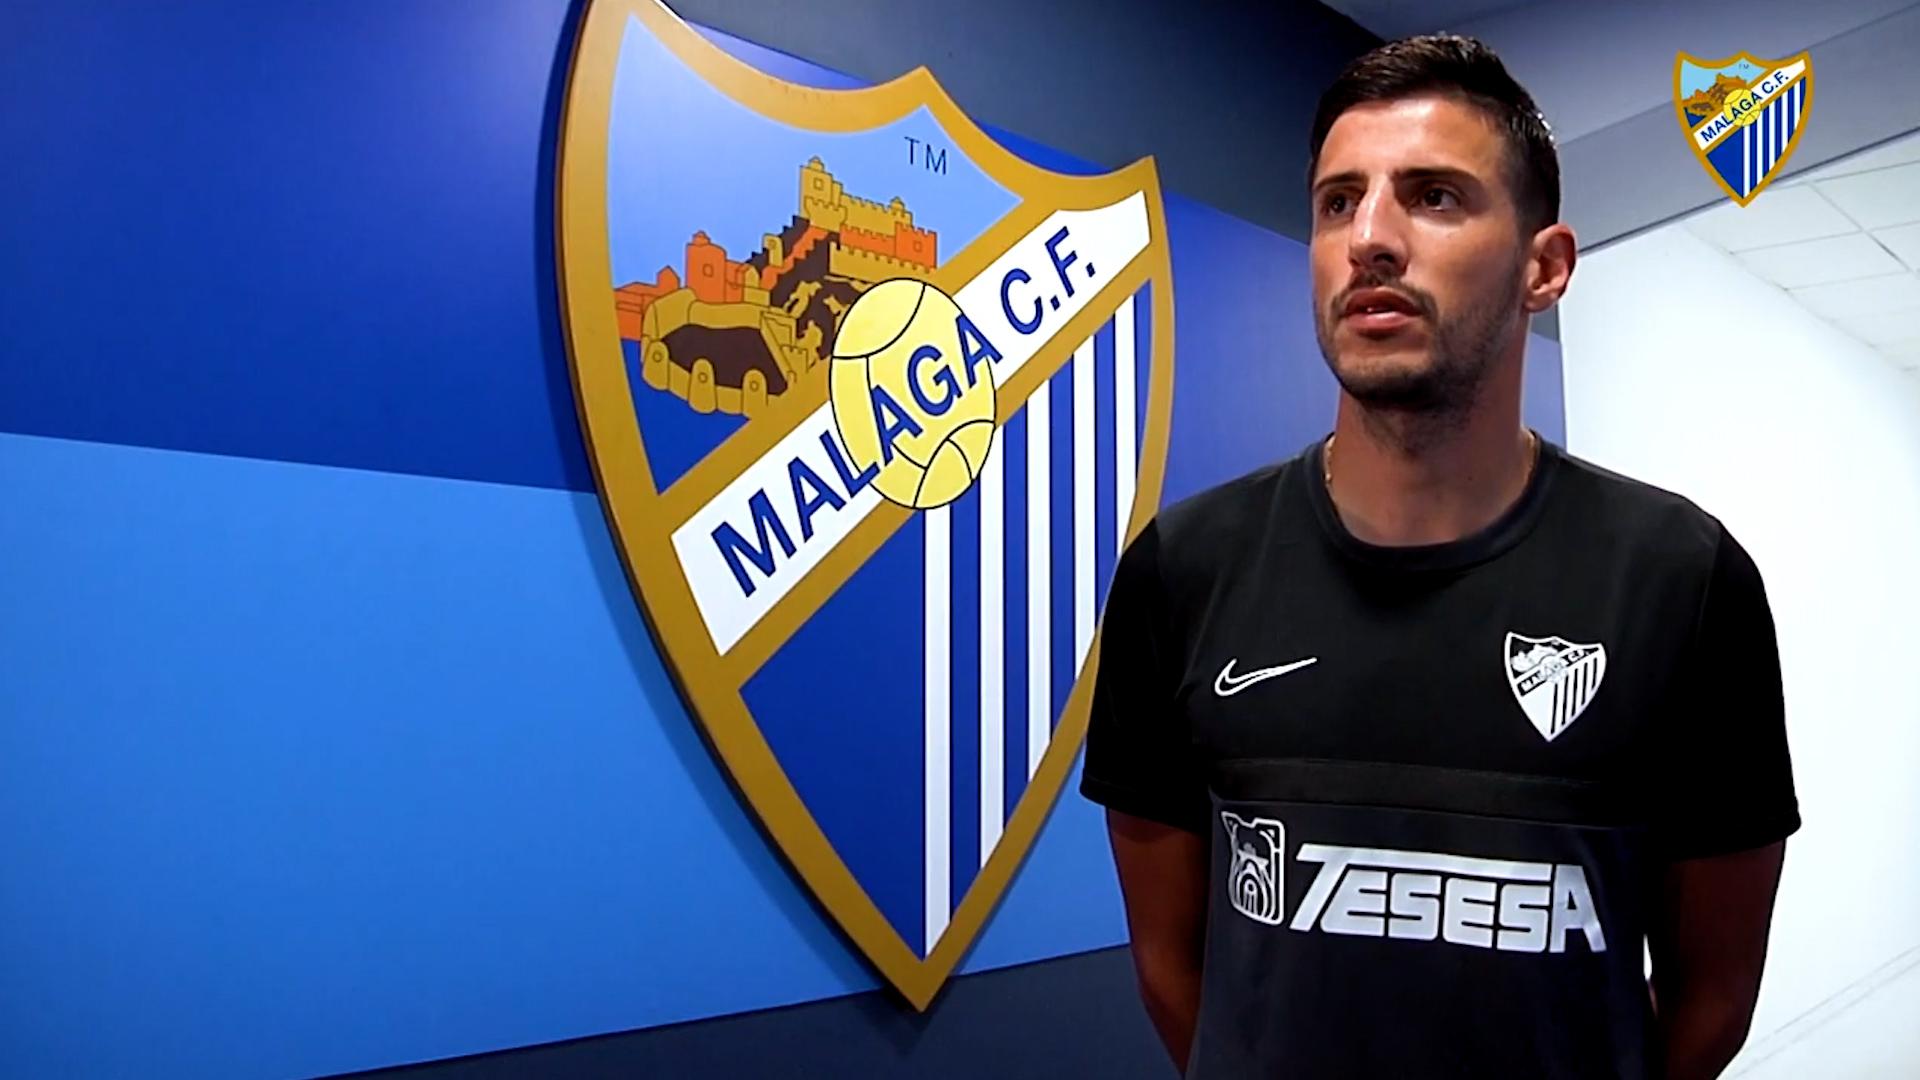 Chavarría renueva por el Málaga CF hasta 2023